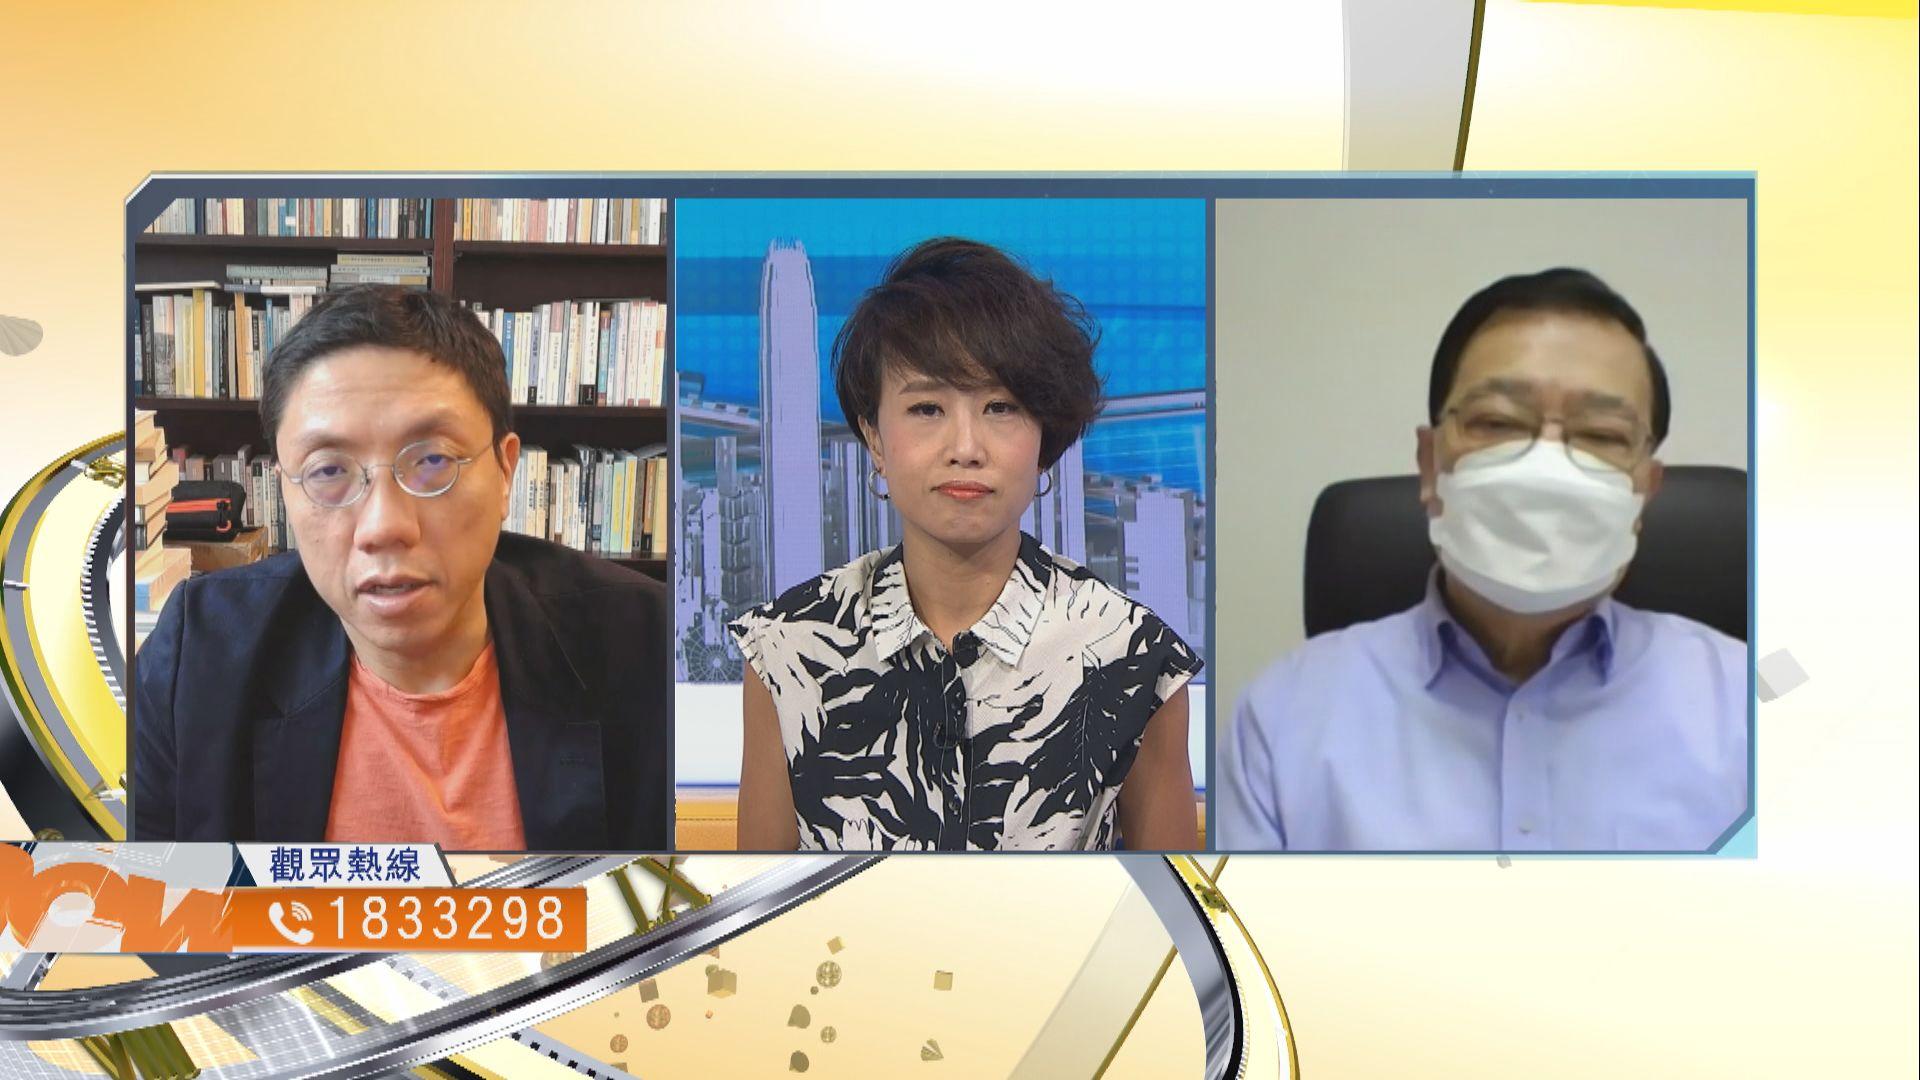 【時事全方位】立法會延長任期民主派應否參與?(一)